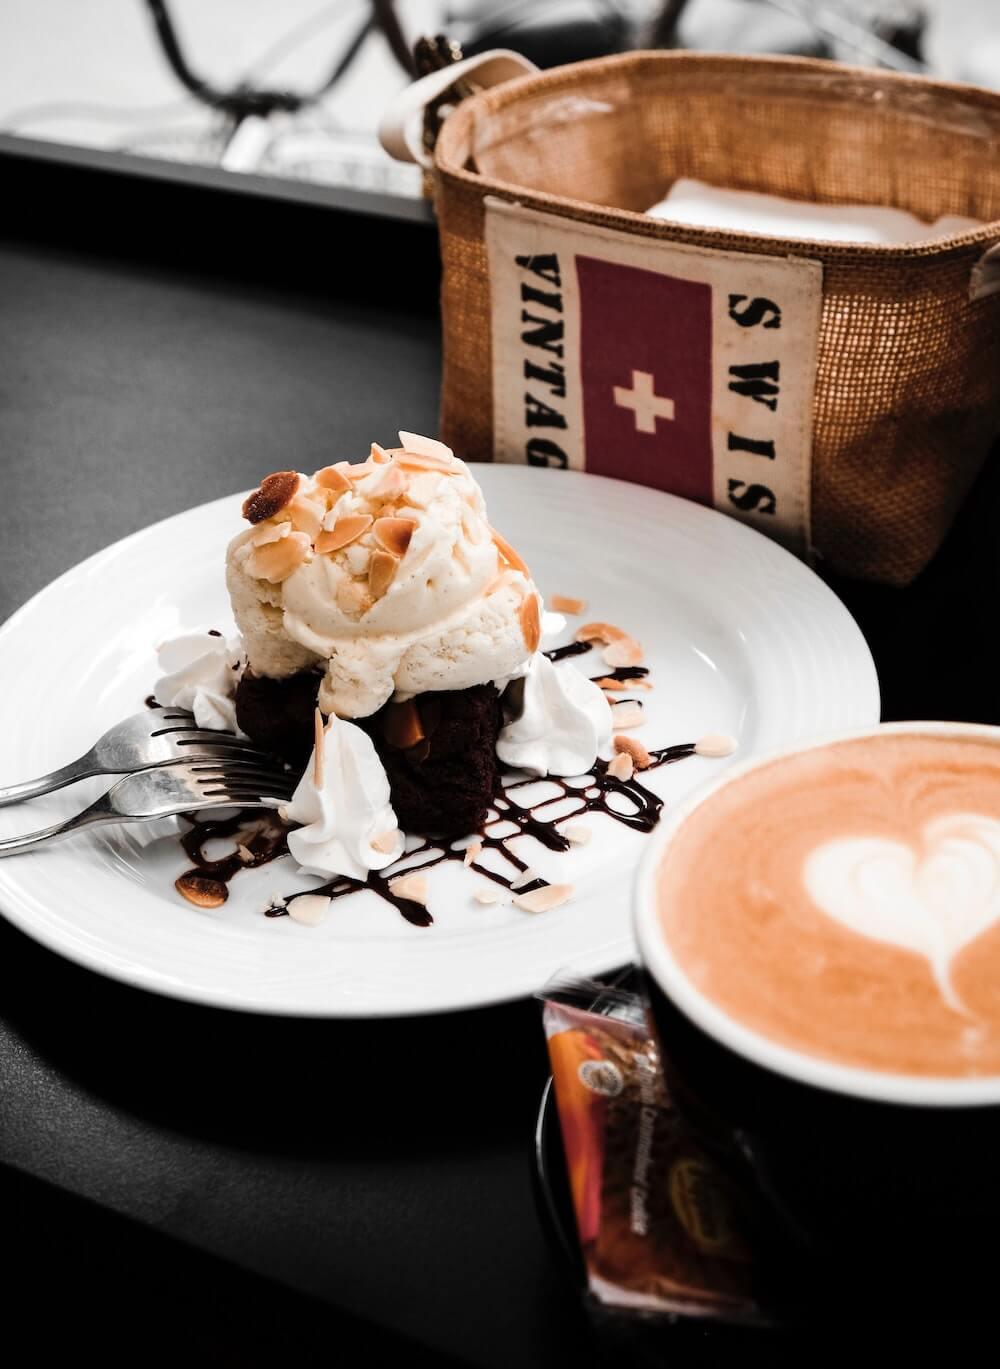 Schweizer Kuchen und Café Crème